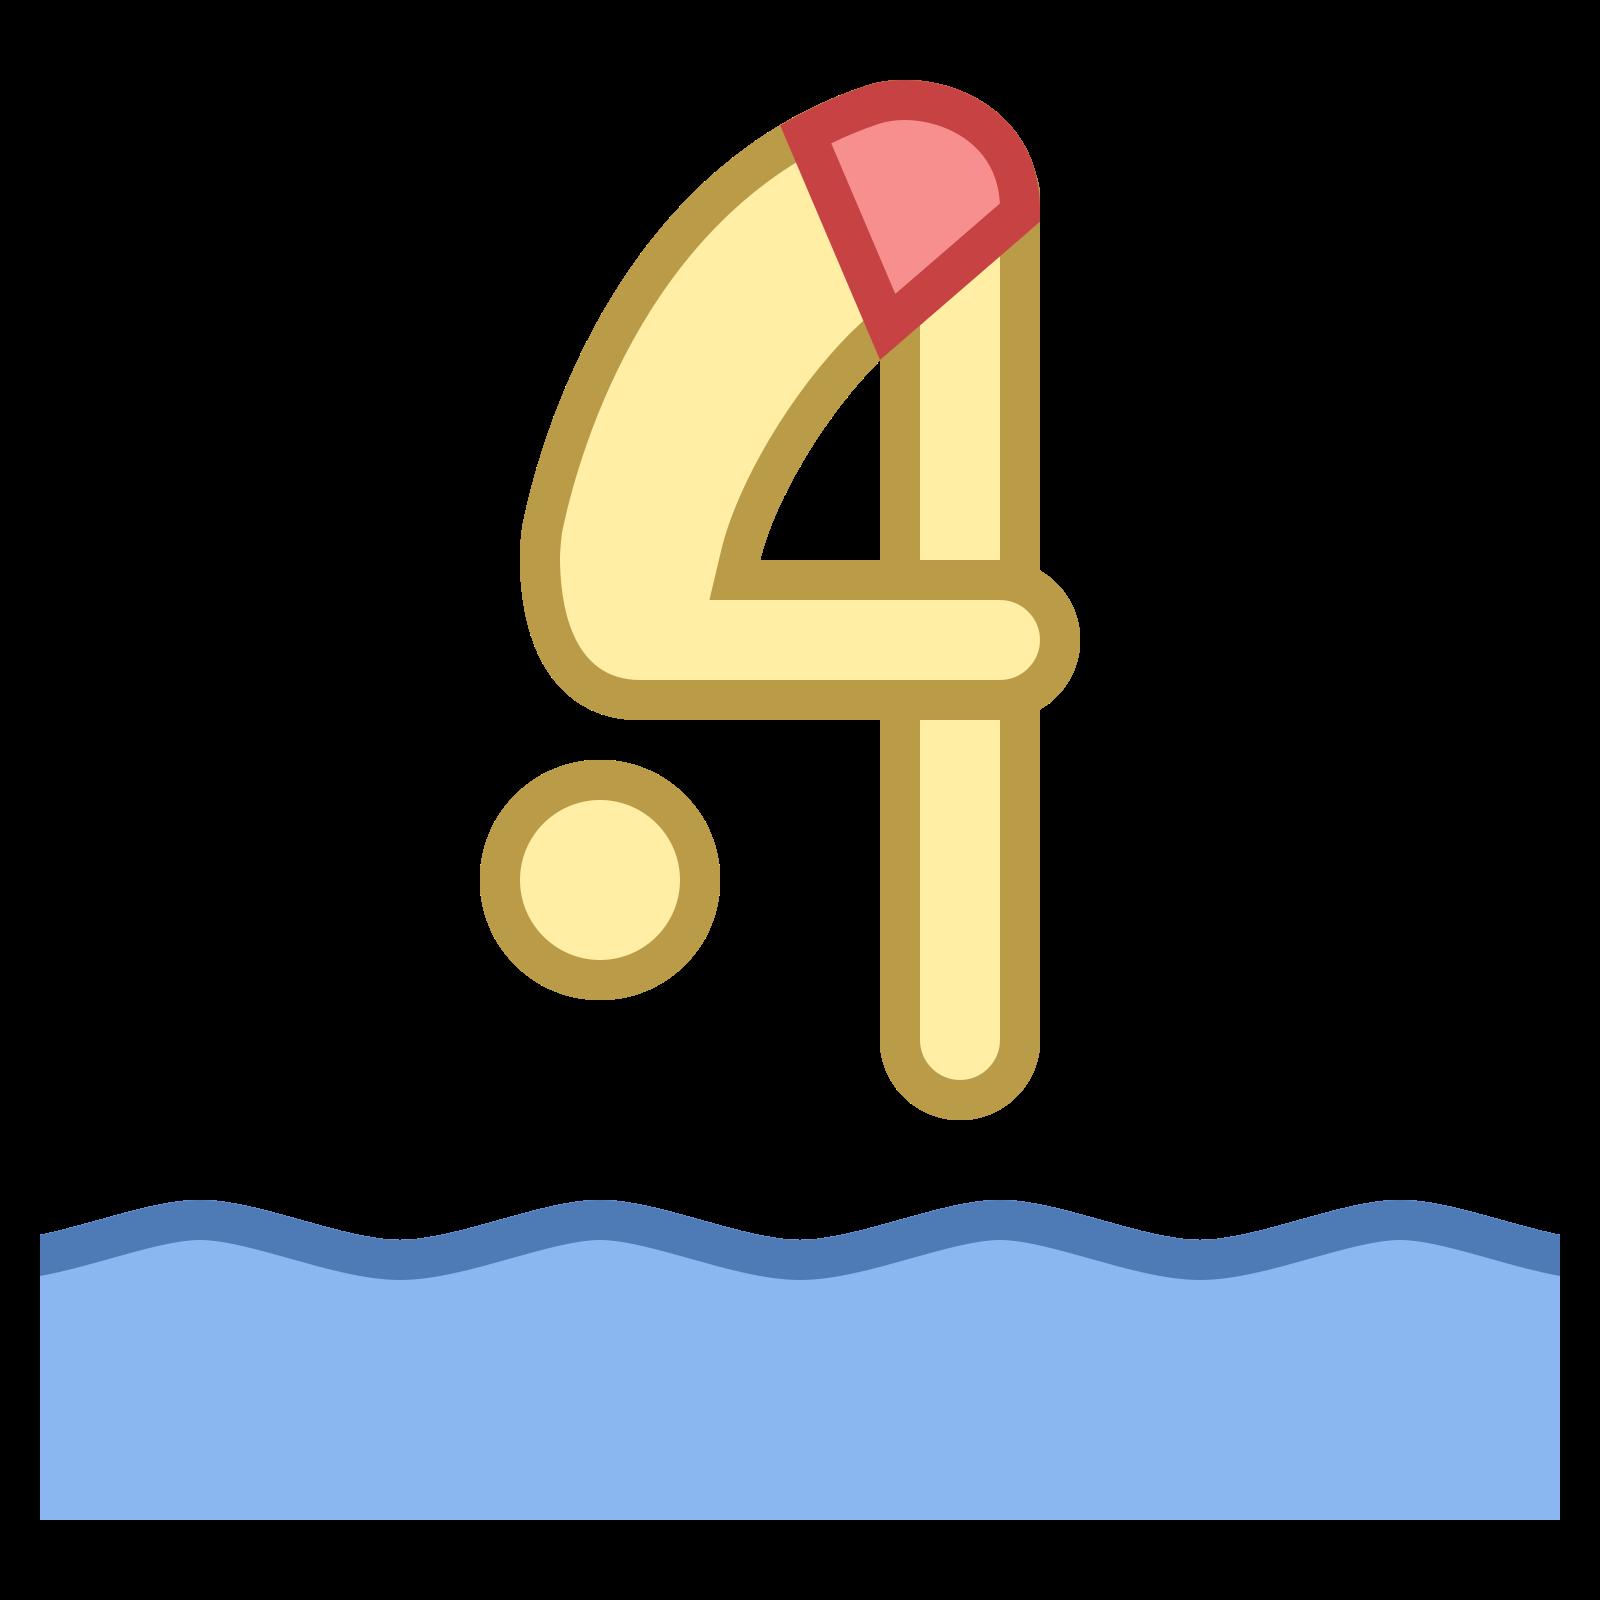 Nurkowanie icon